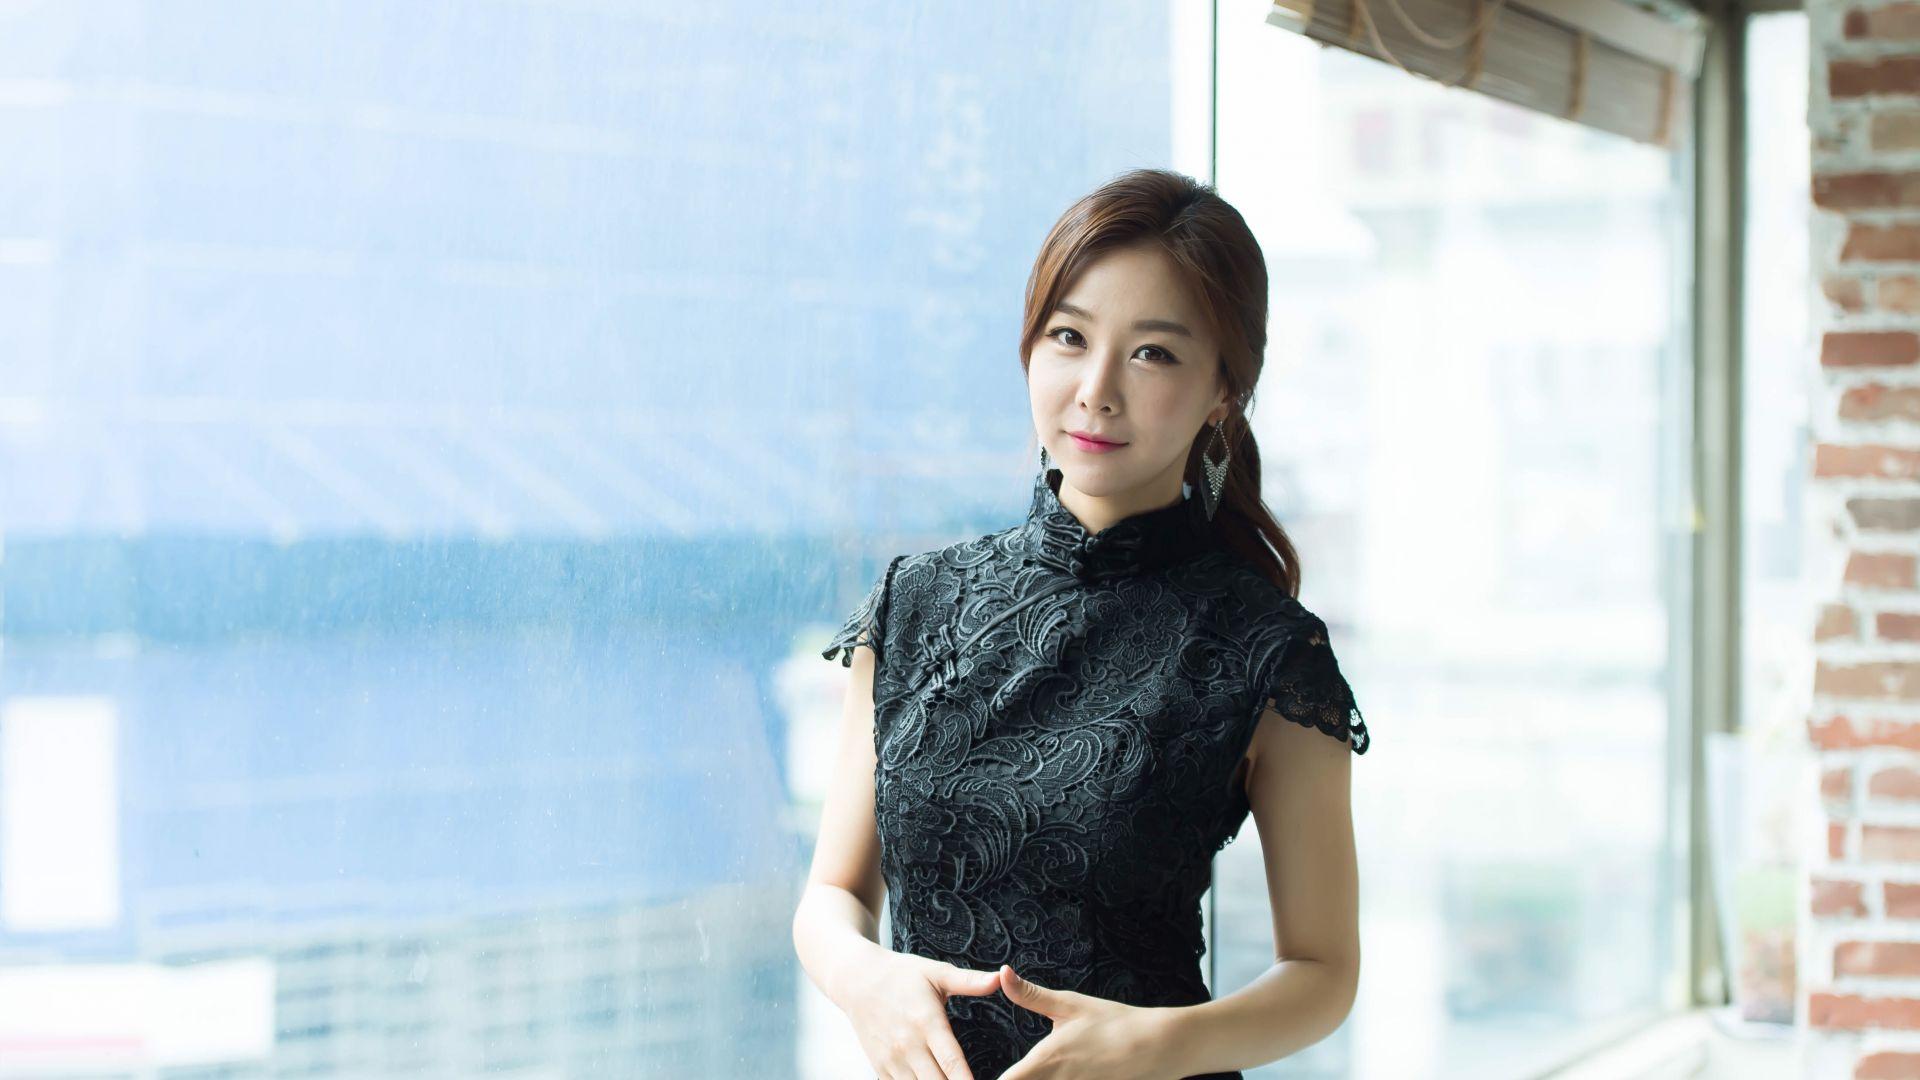 Desktop Wallpaper Son Ye Jin Black Dress Asian Model Actress Hd